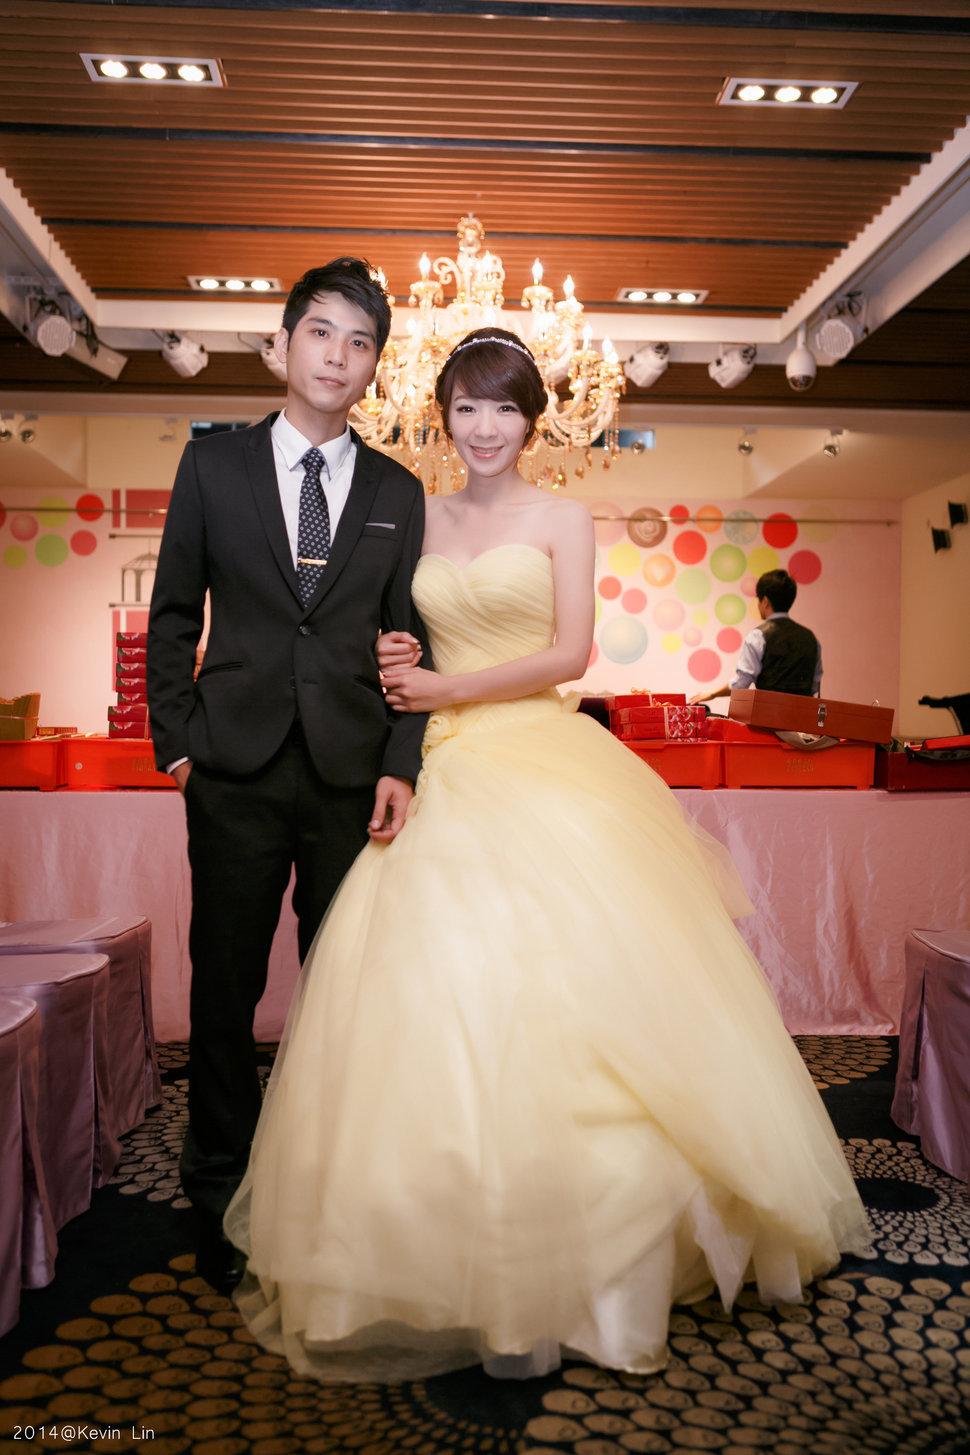 訂婚/彰化 全國麗園(編號:155119) - 绊嵐攝 - 結婚吧一站式婚禮服務平台